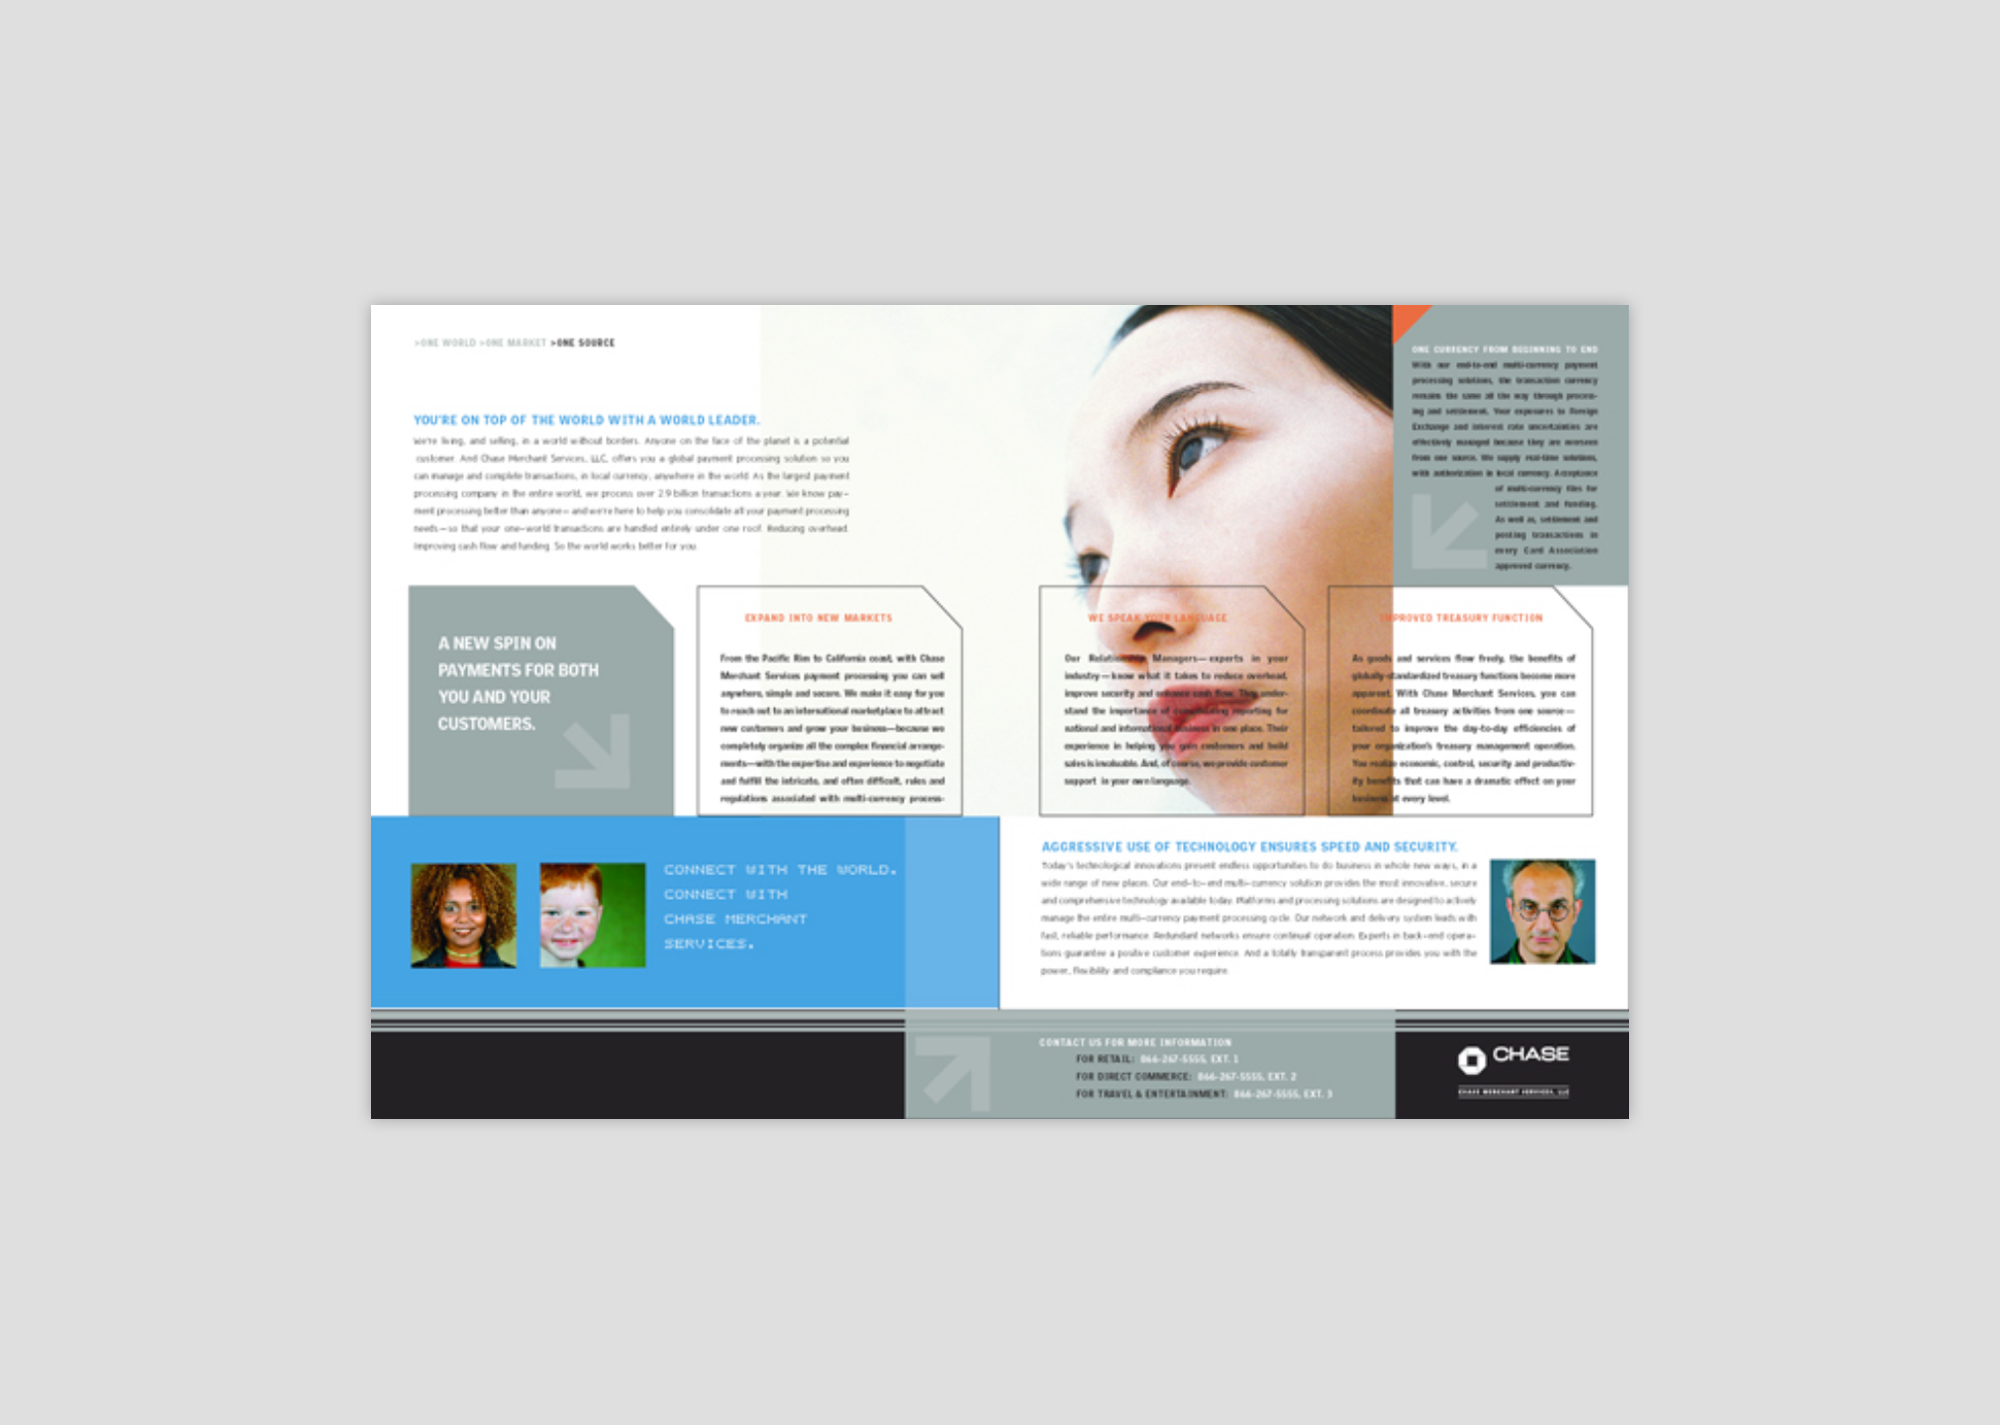 Chase Bank – JEMC Labs